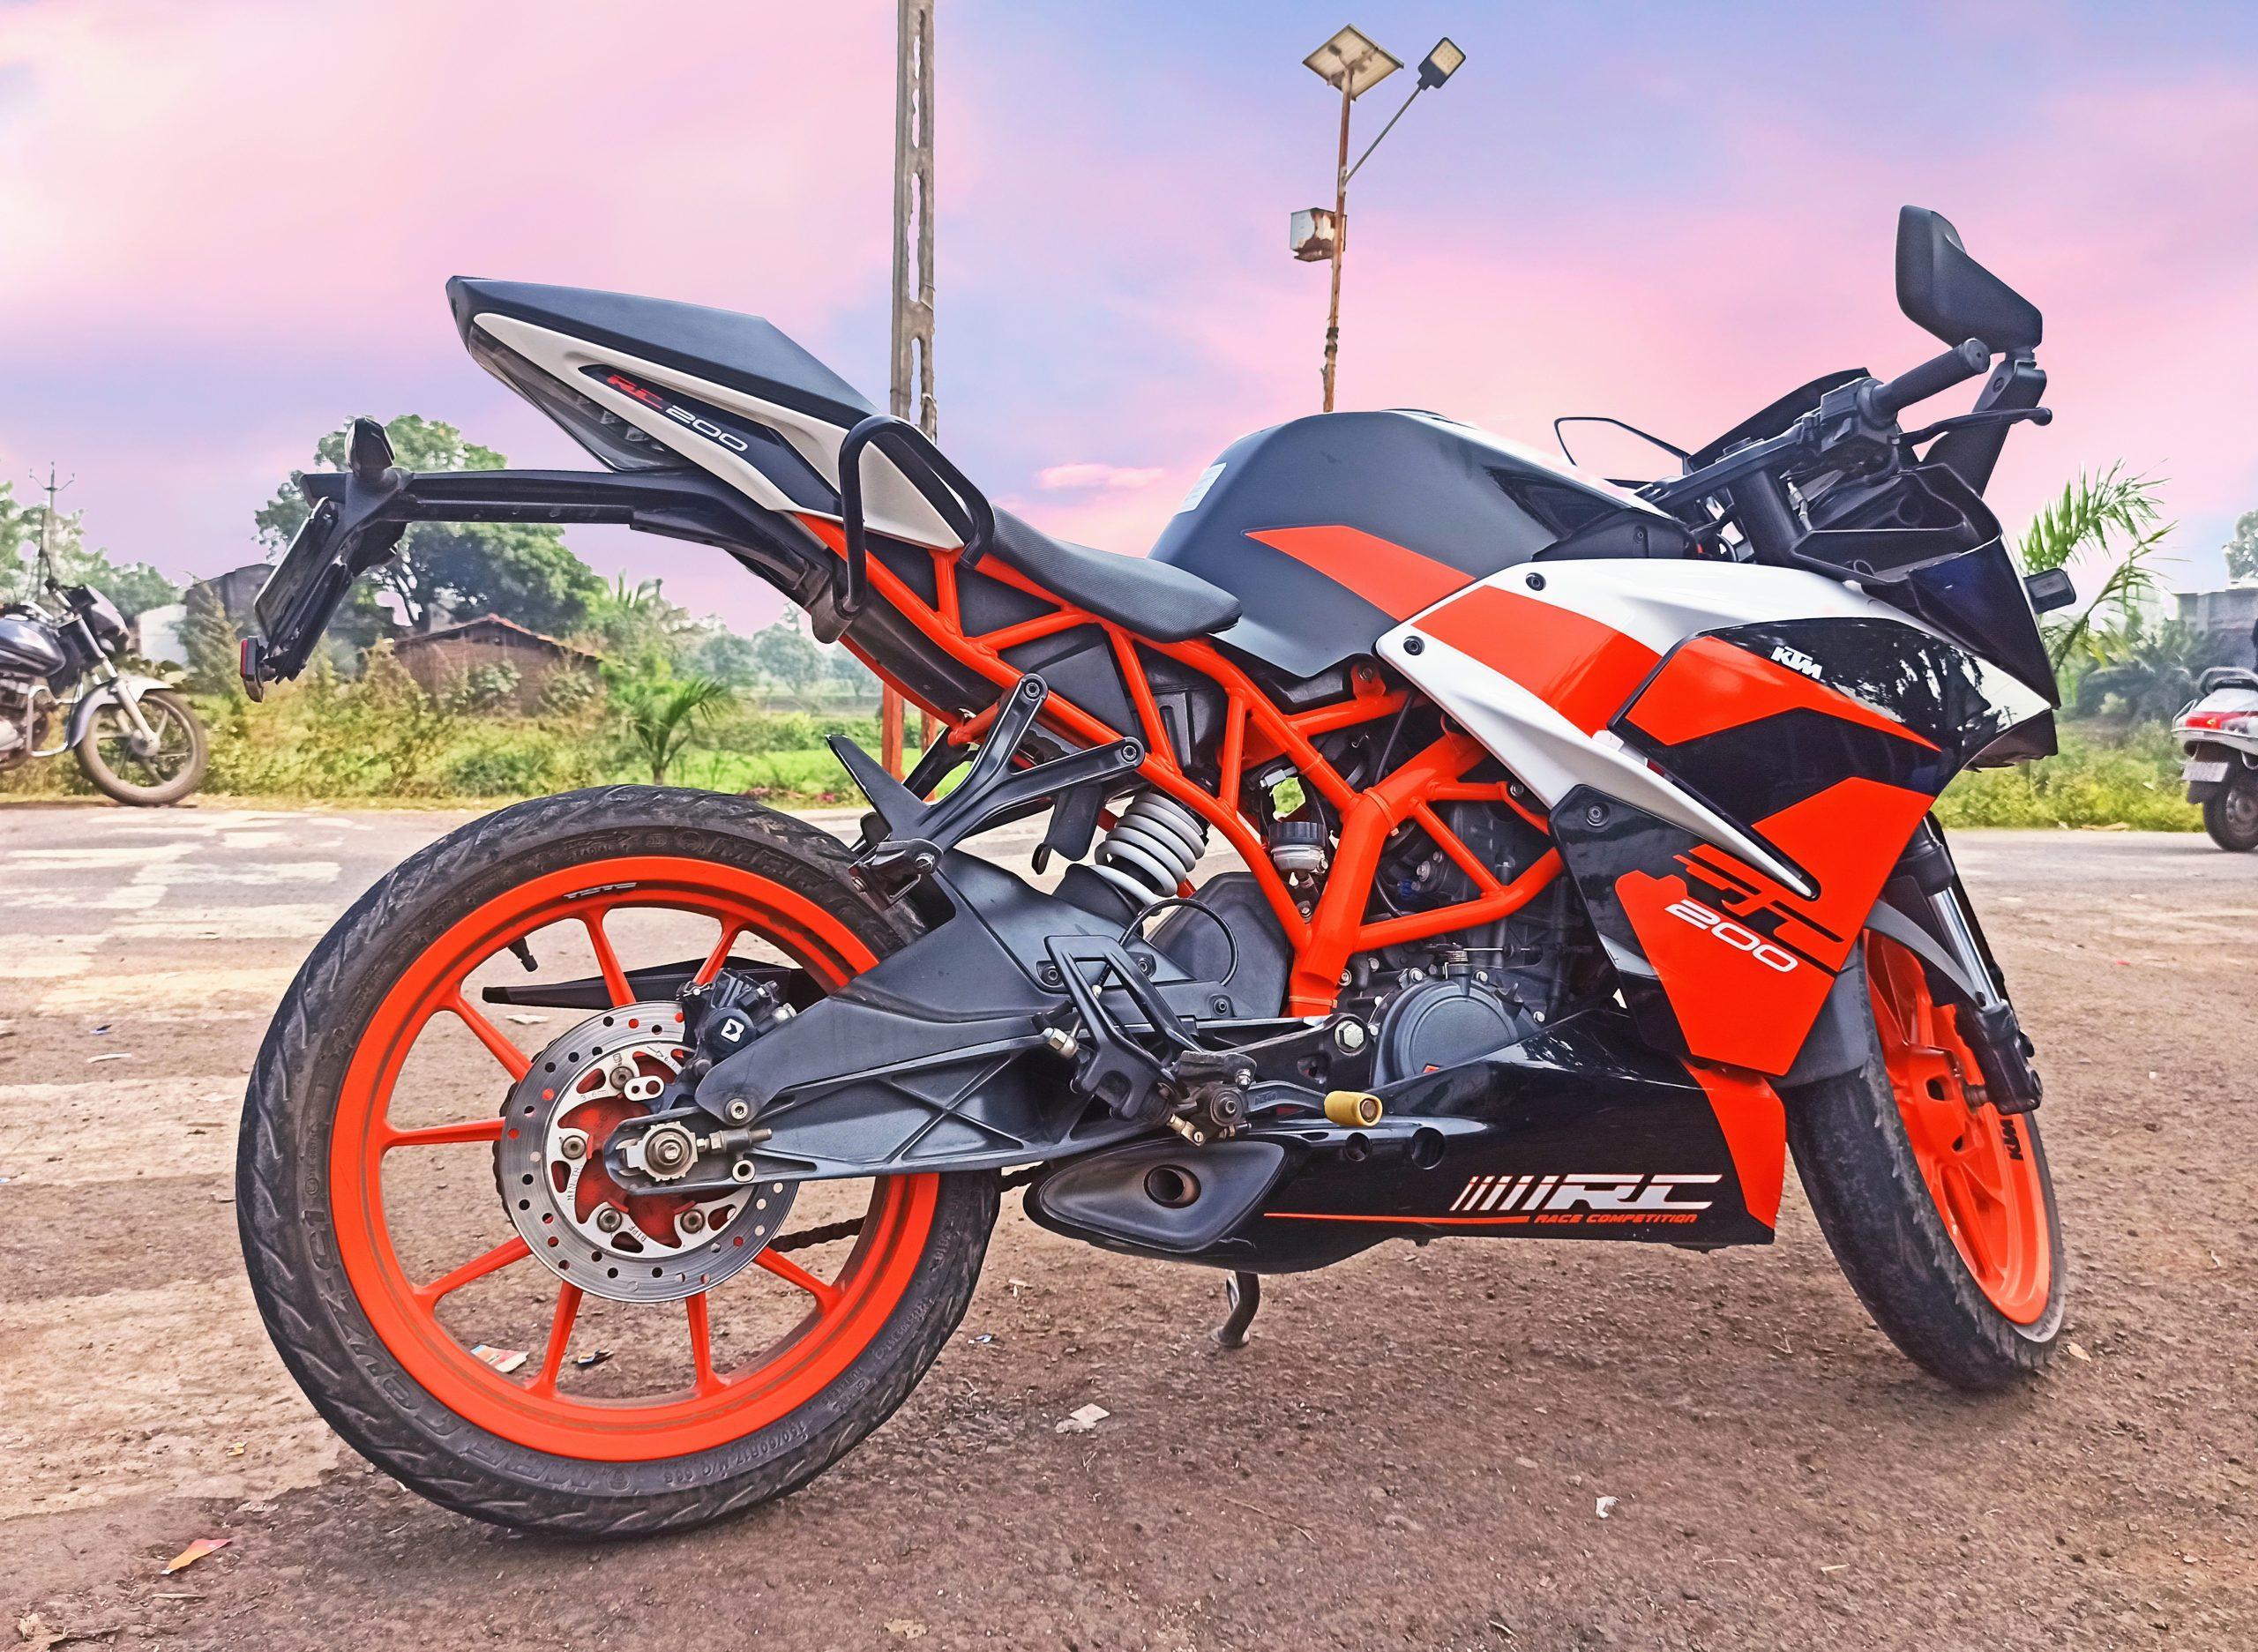 KTM Duke 200 bike